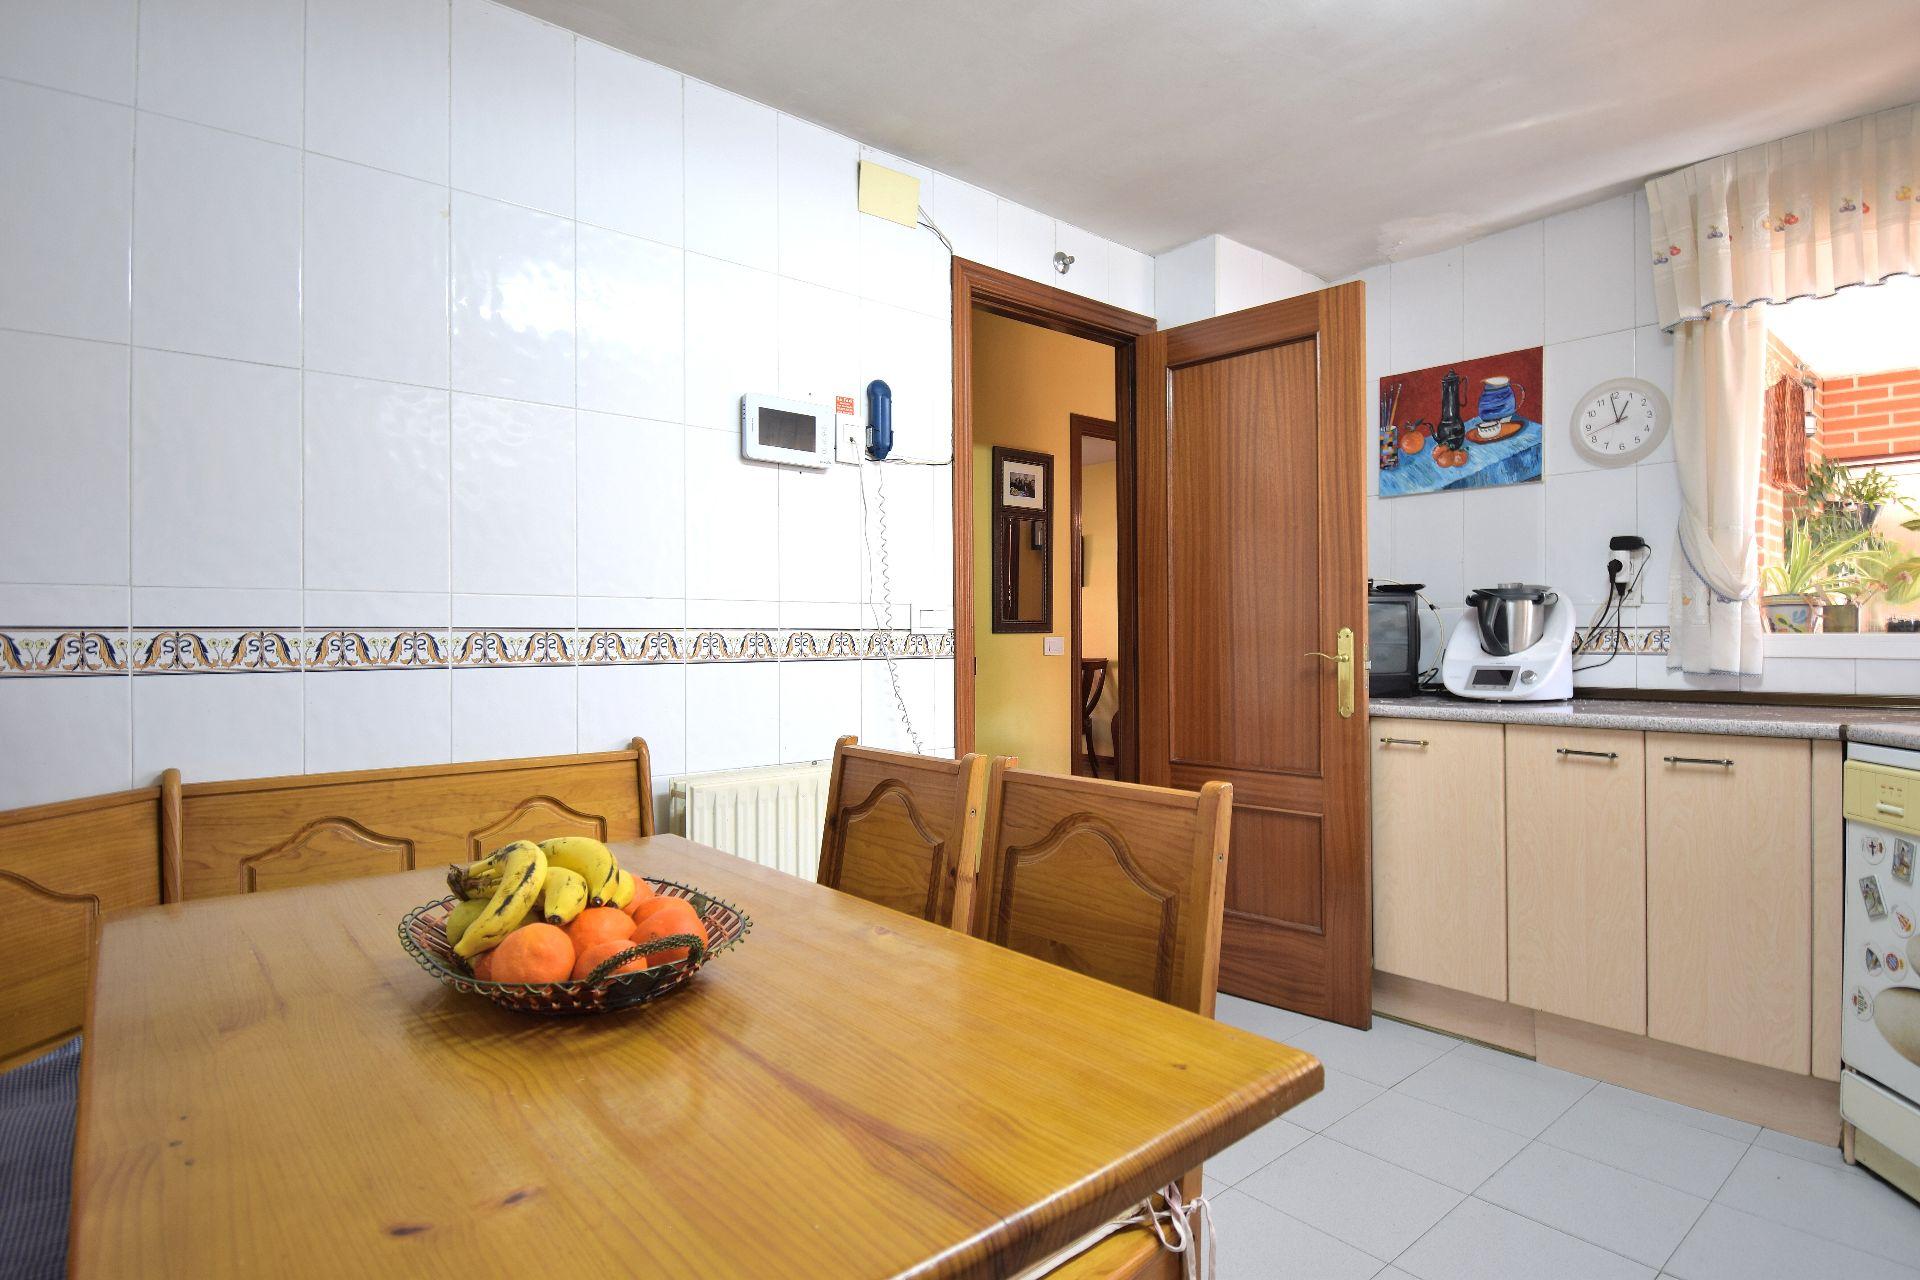 Casa / Chalet en San Fernando de Henares, PARQUE ROMA, venta